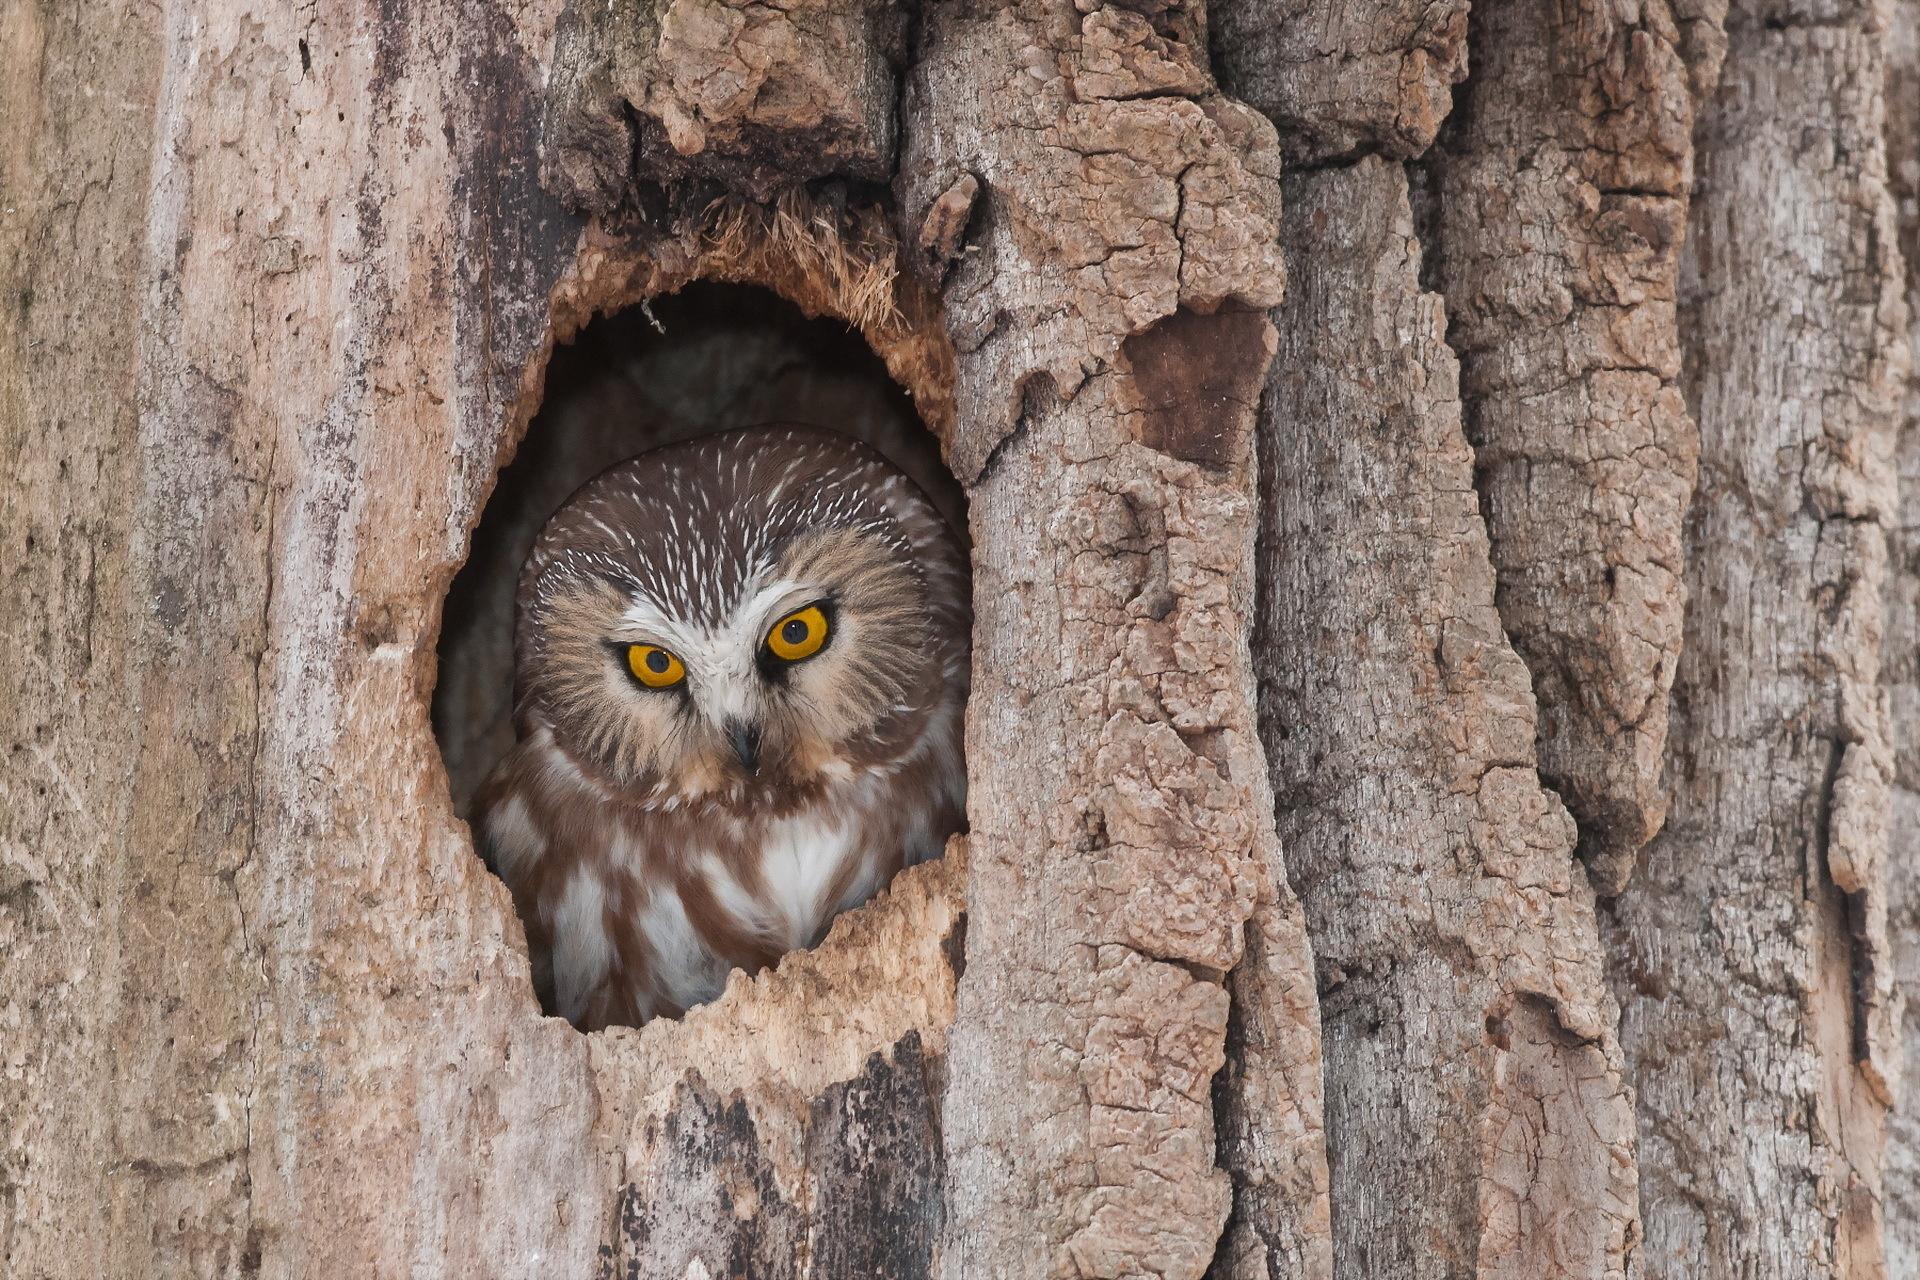 ленинской гнезда в дуплах деревьев фото основном